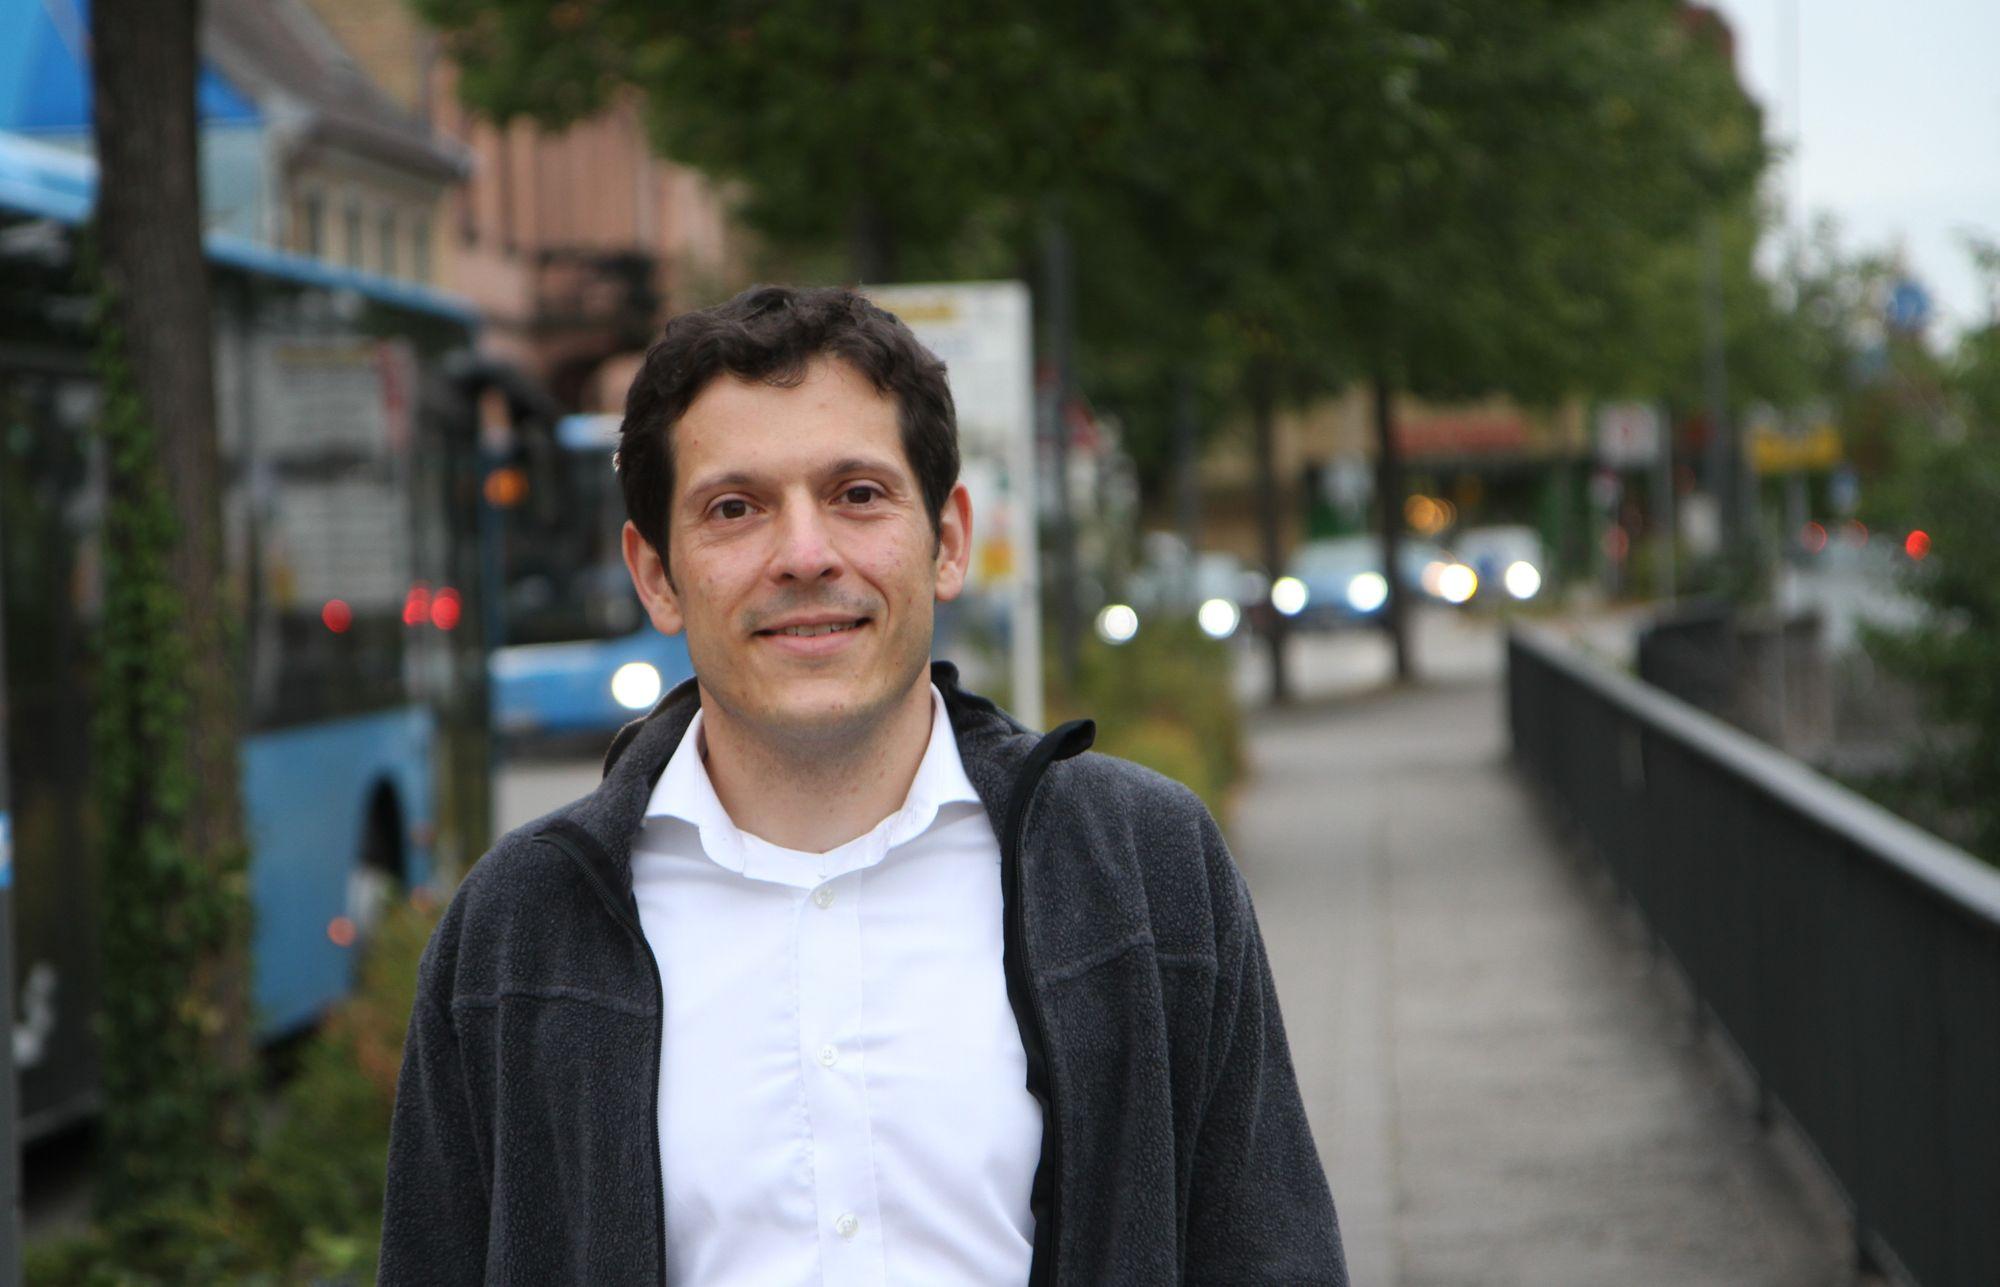 Jürgen Kretz in einer Straßenszene in Wiesloch